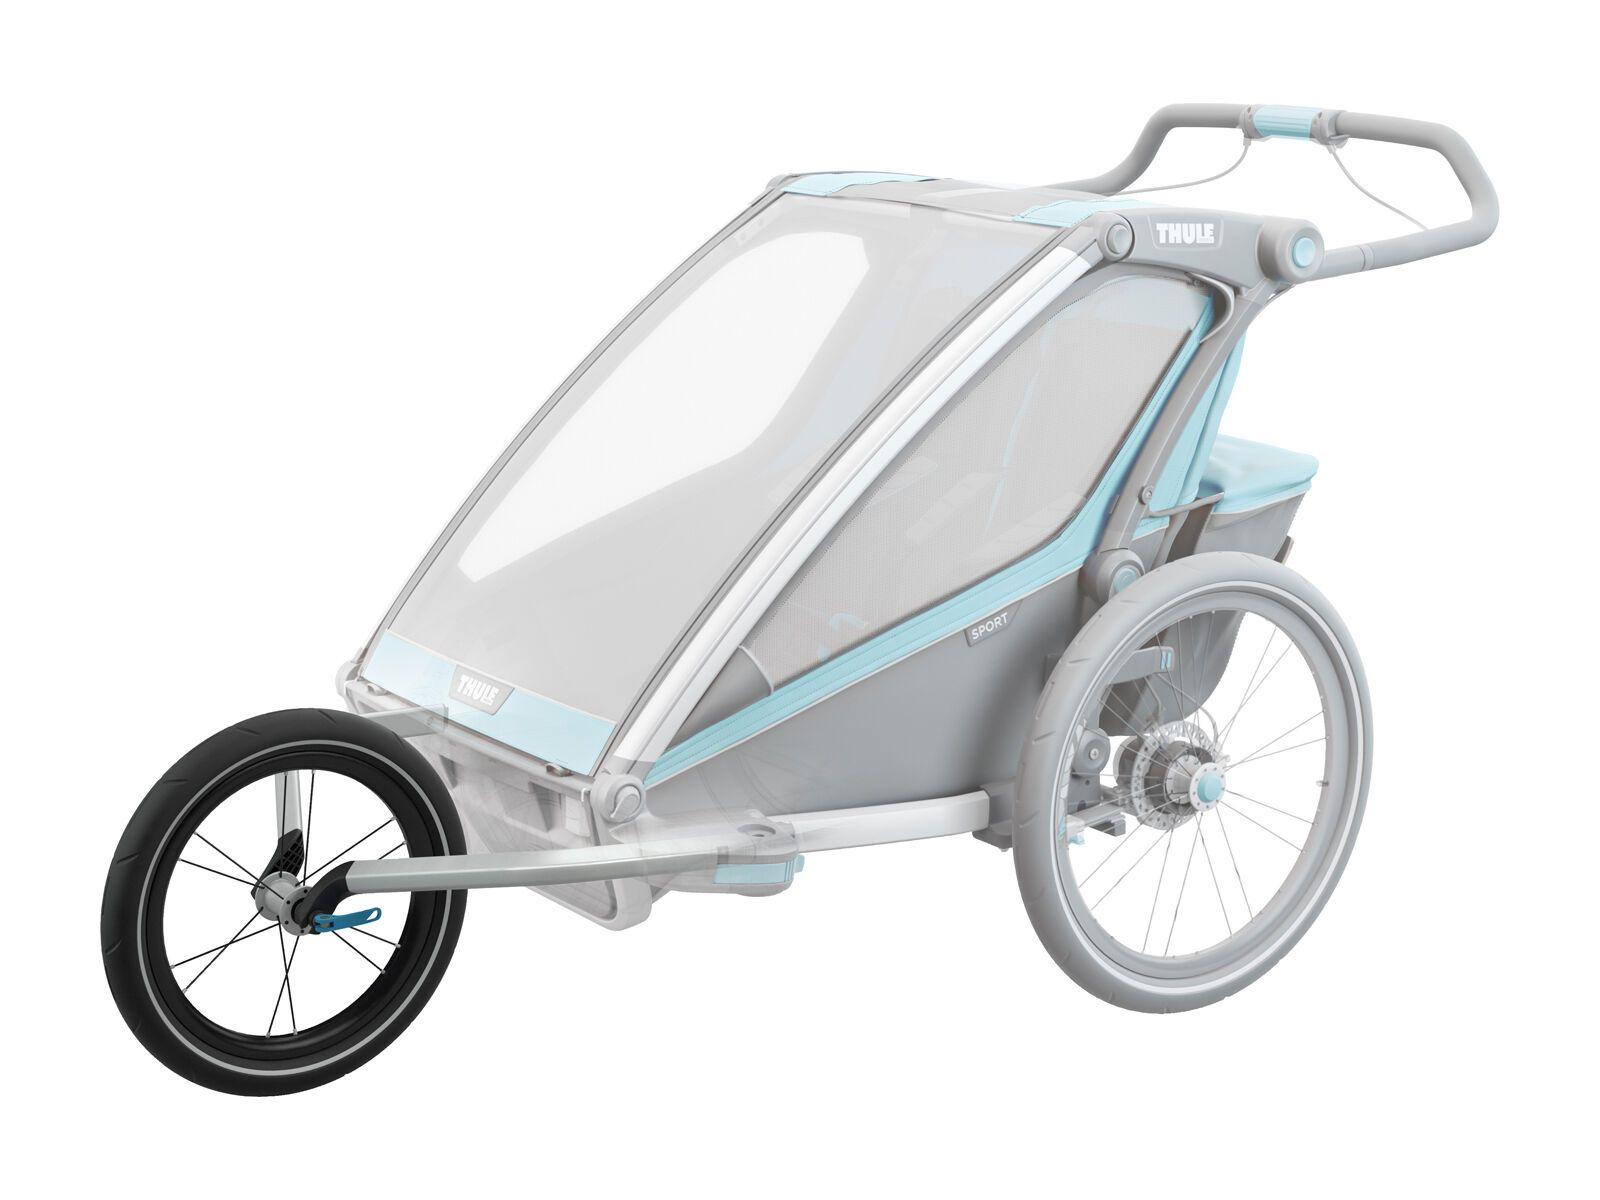 Thule Chariot Jogging Kit 2 - Anhänger-Umrüstset 20201302